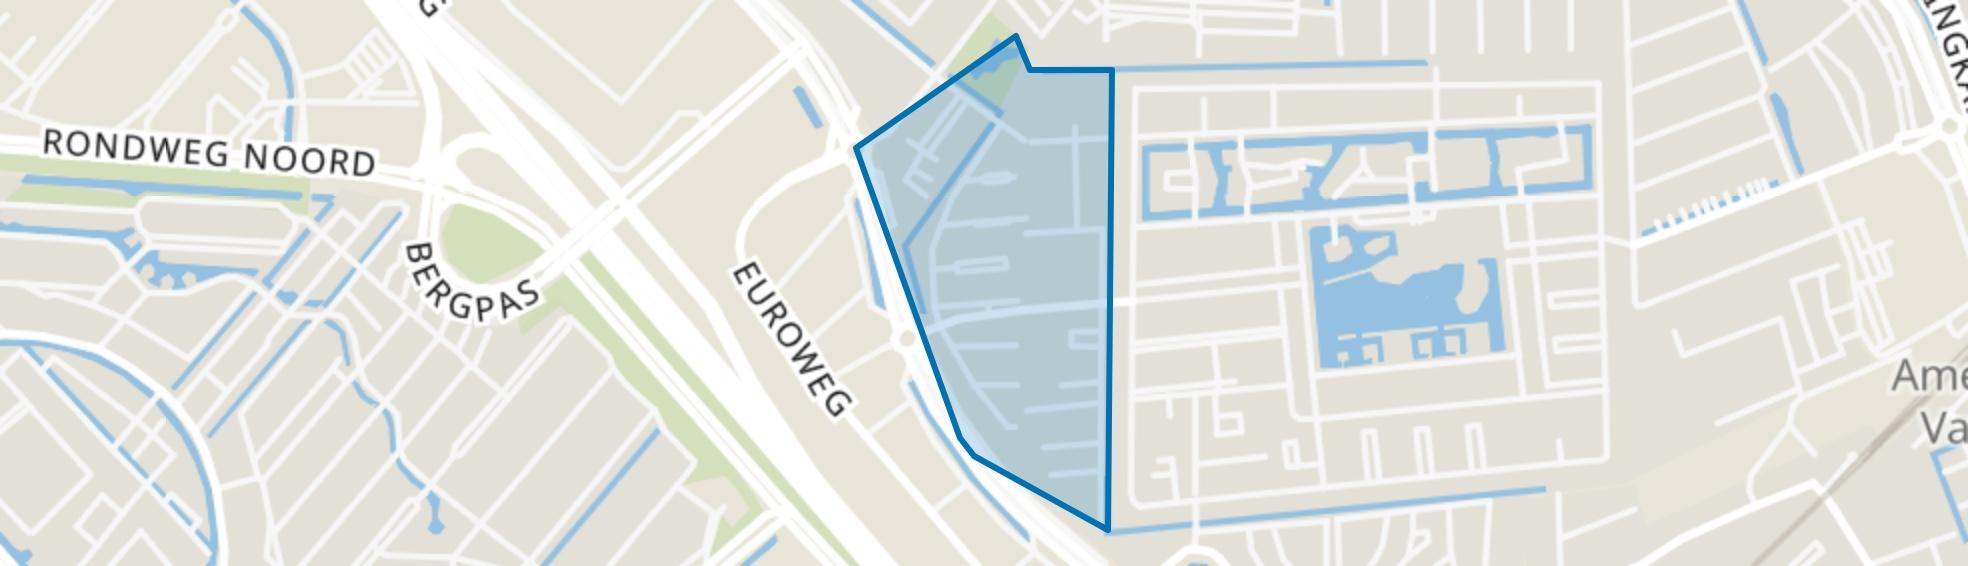 Duisterweg, Amersfoort map